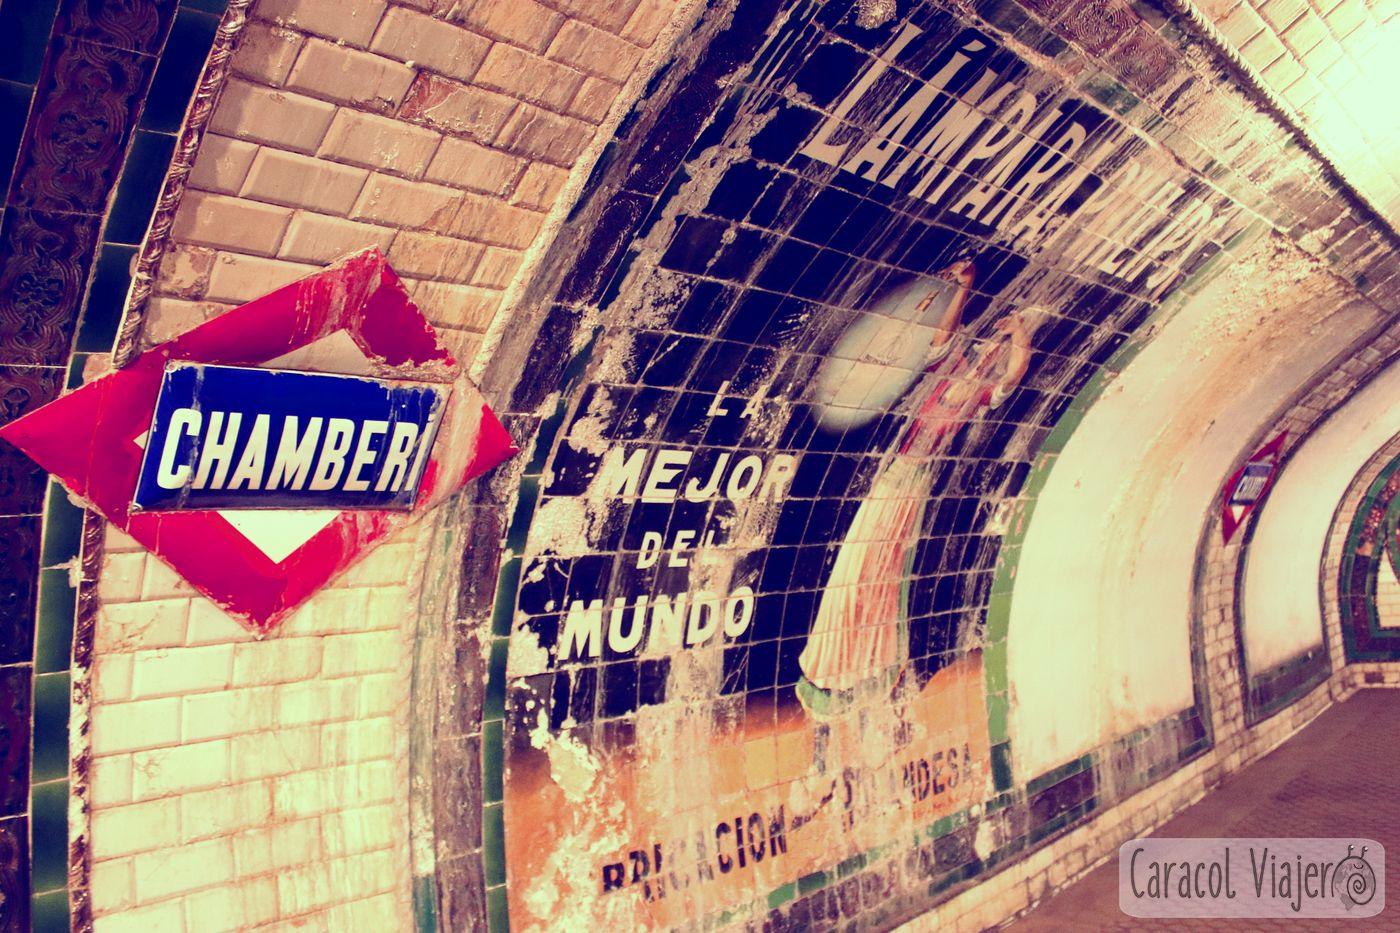 Estación Chamberí